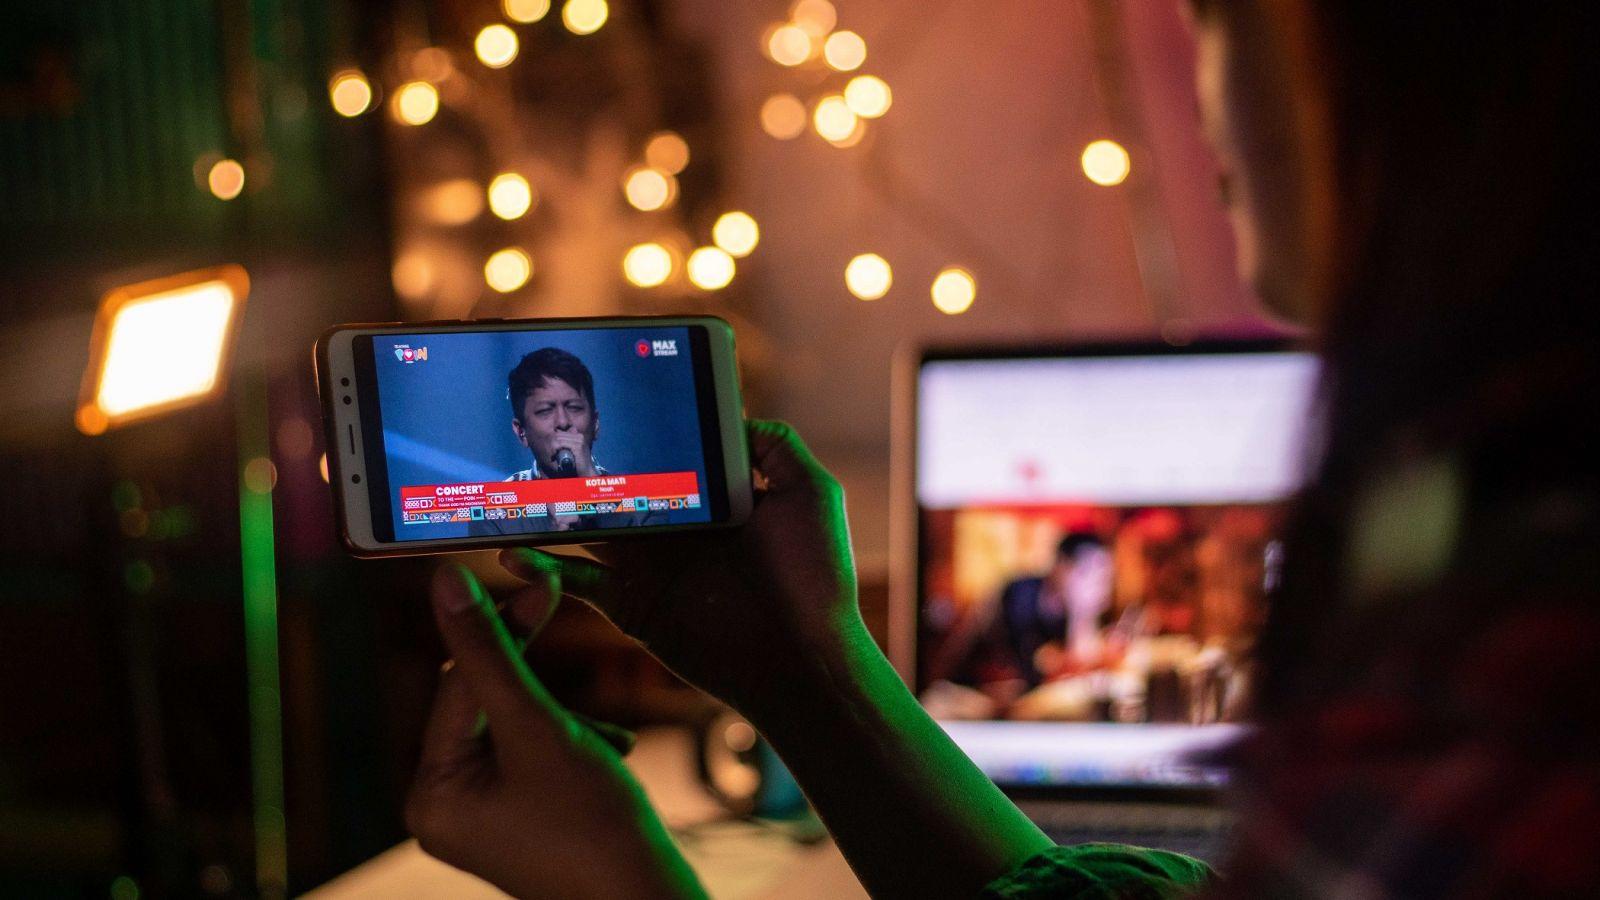 Layanan digital Telkomsel tercatat mengalami peningkatan pemakaian. Foto: Corcom Telkomsel